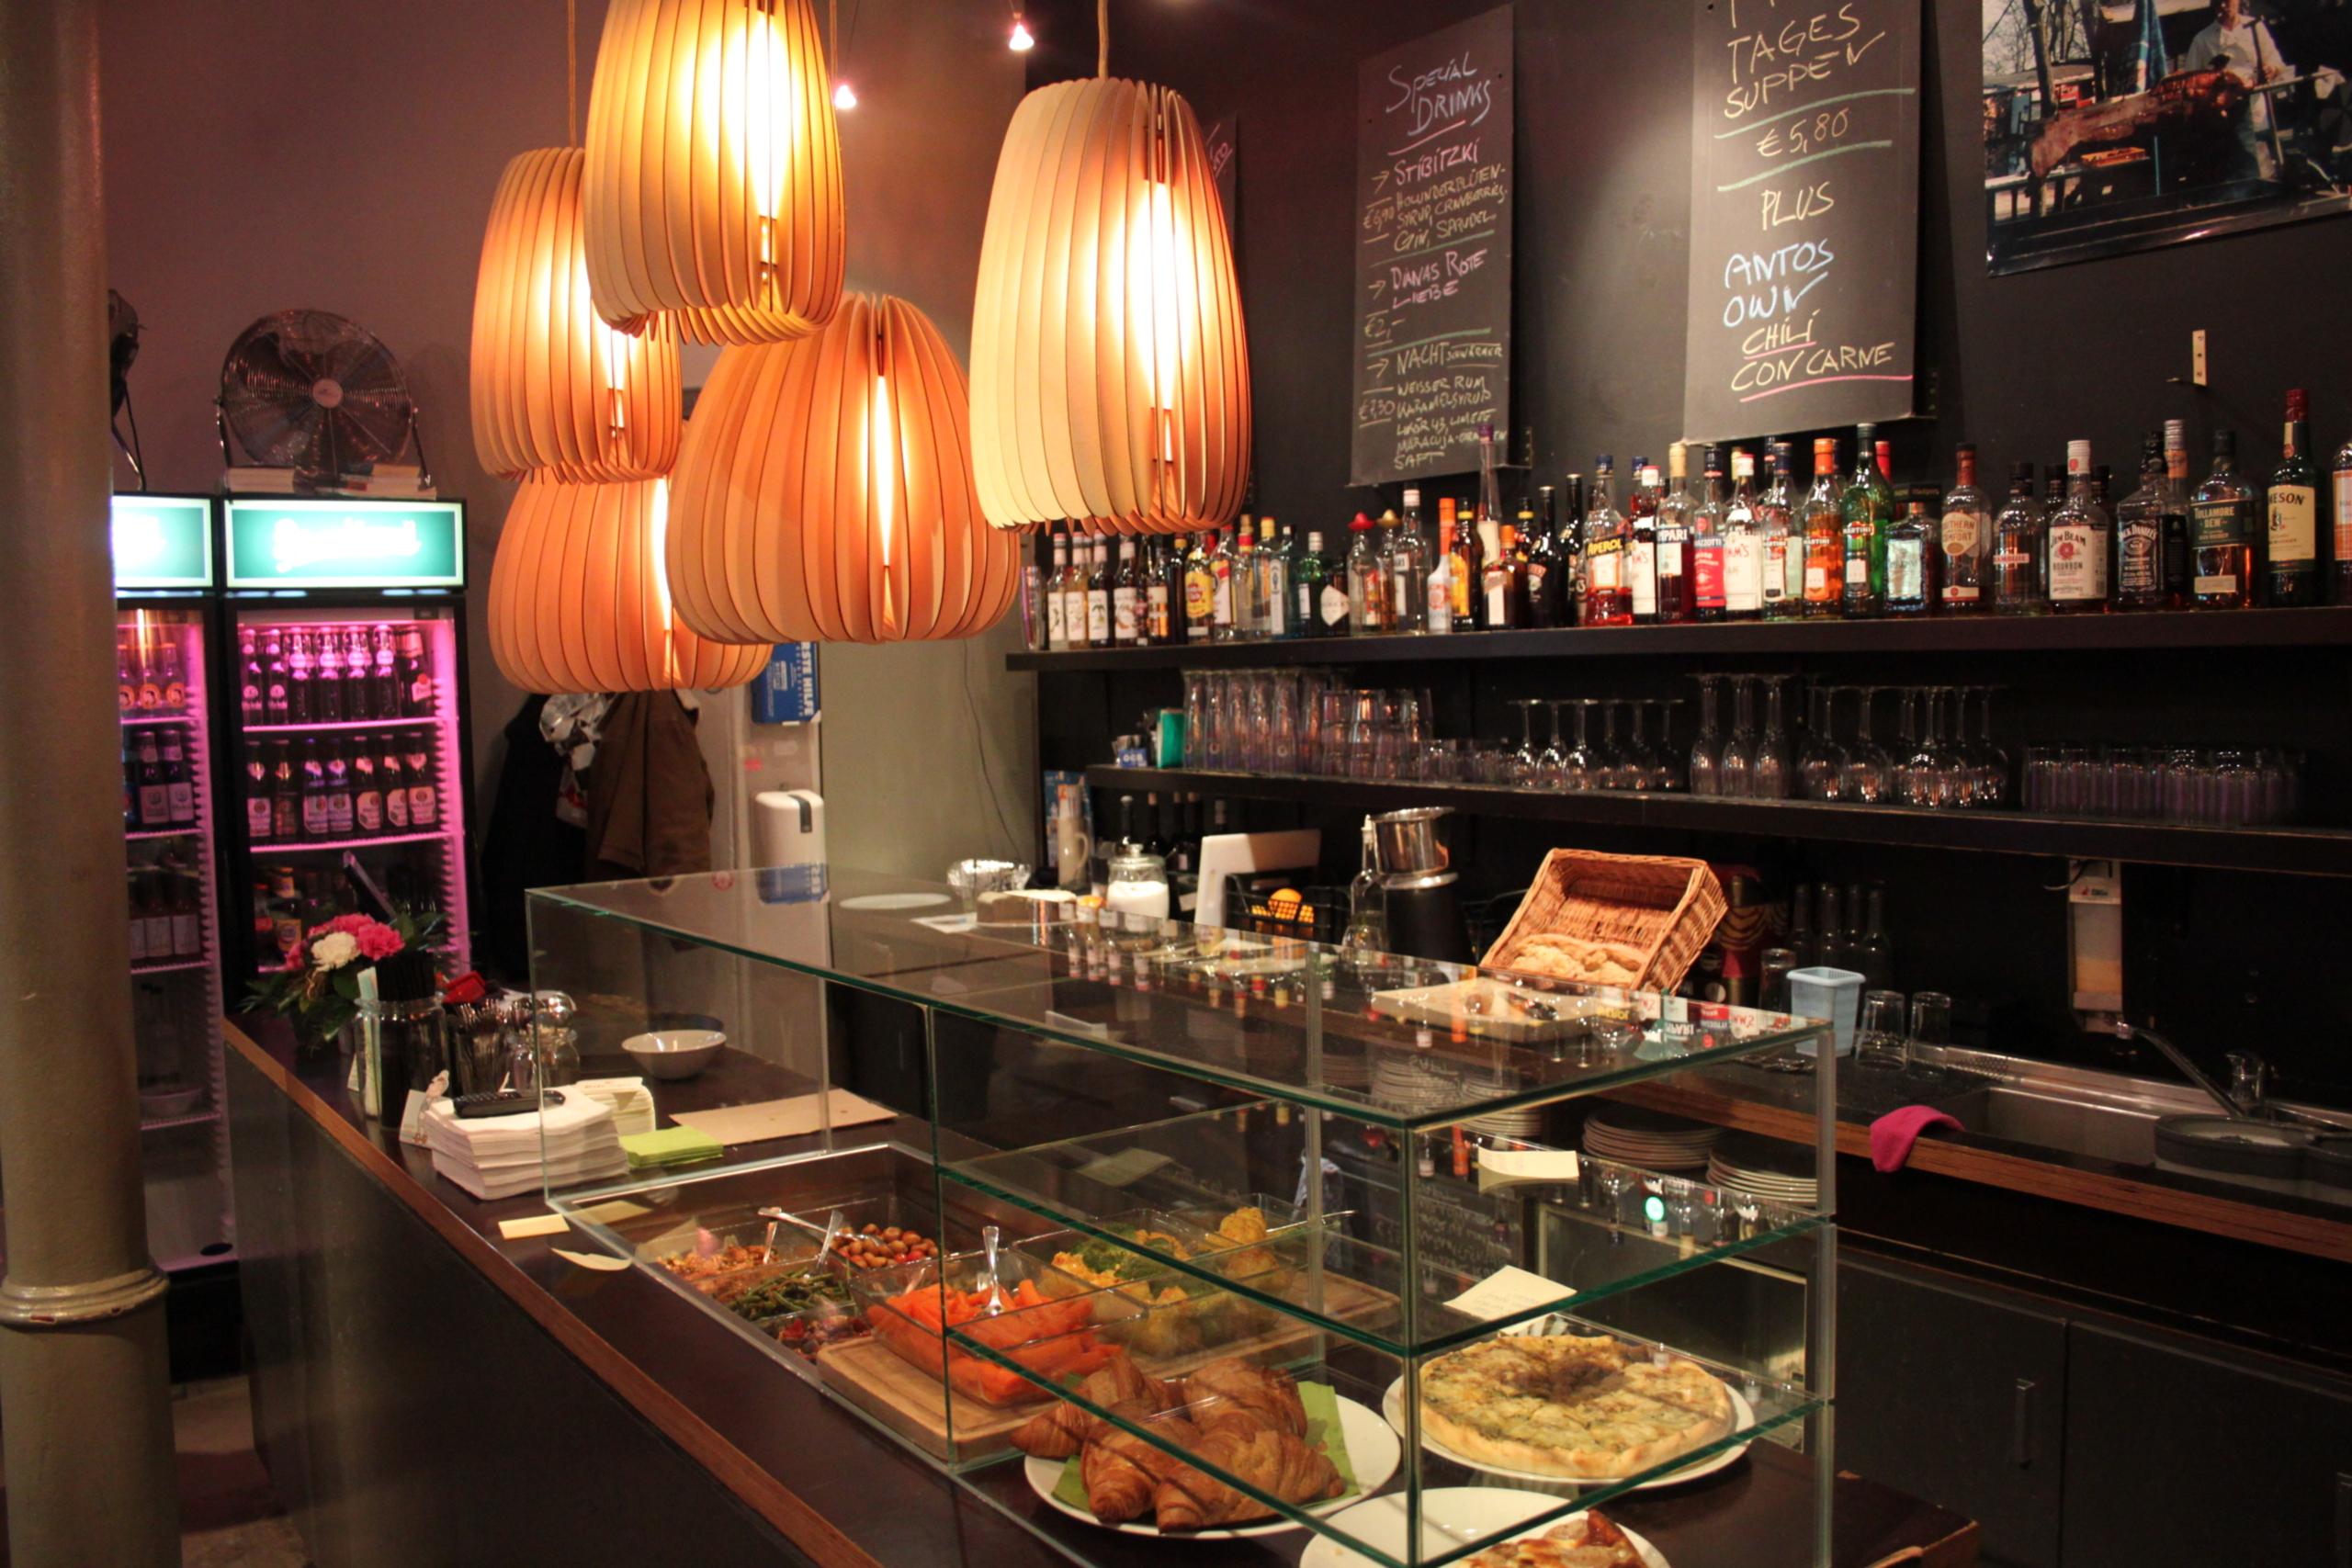 colestreet caff bar gallery ffnungszeiten beckergrube in l beck. Black Bedroom Furniture Sets. Home Design Ideas